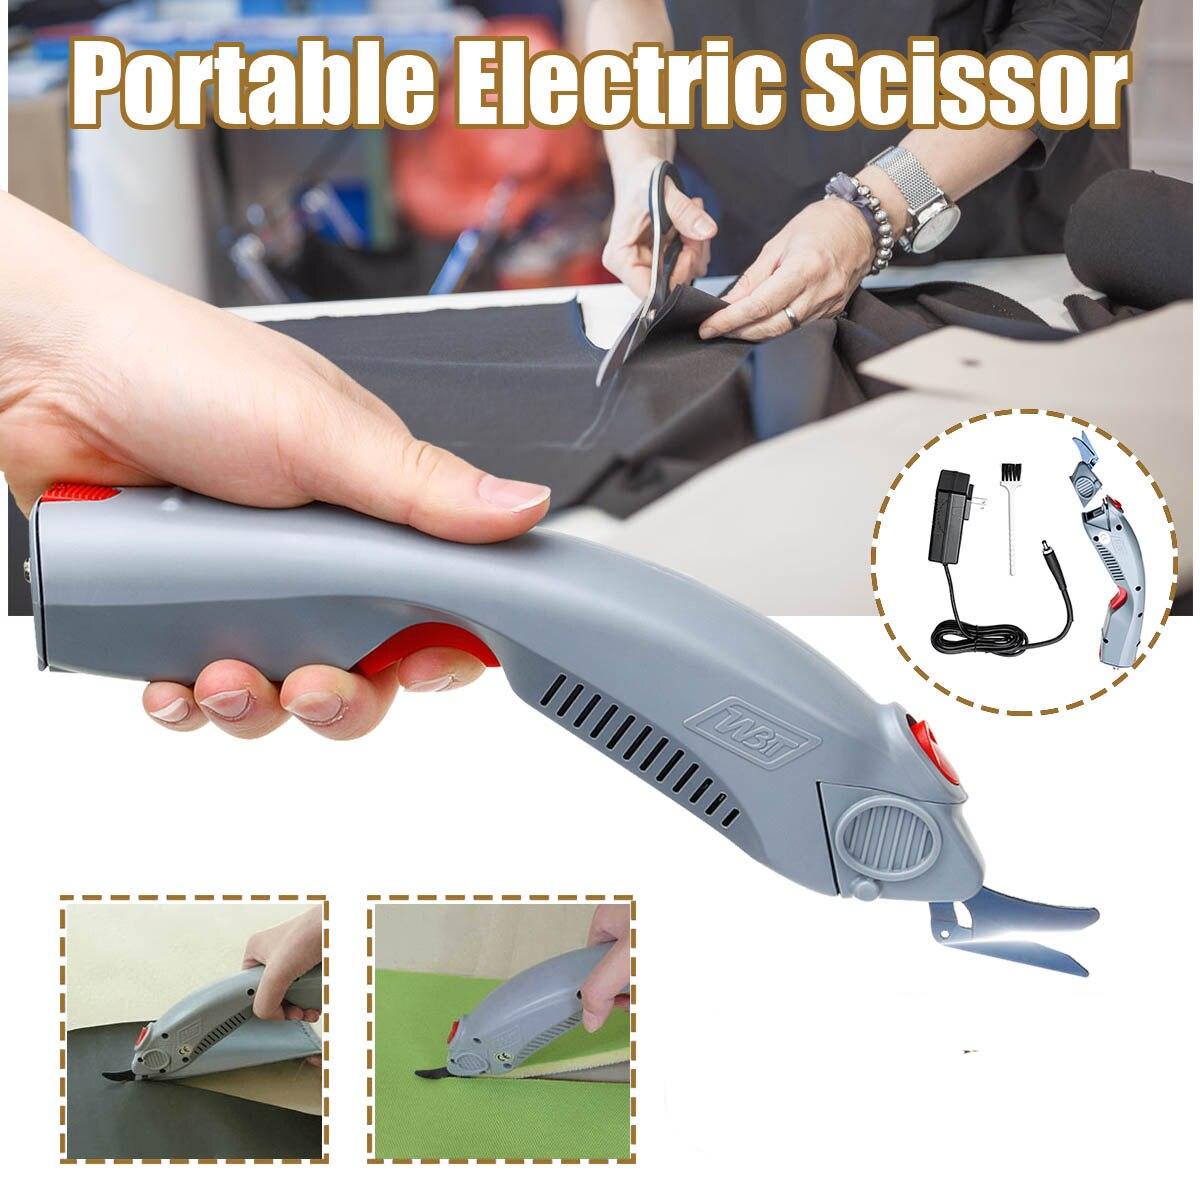 1 Pc 110 V-240 V 35 W Trinkwasser Elektrische Scissor Auto Cutter Power-angetrieben Schere Haushalt Industriell Tuch Mit Pinsel Neueste Technik